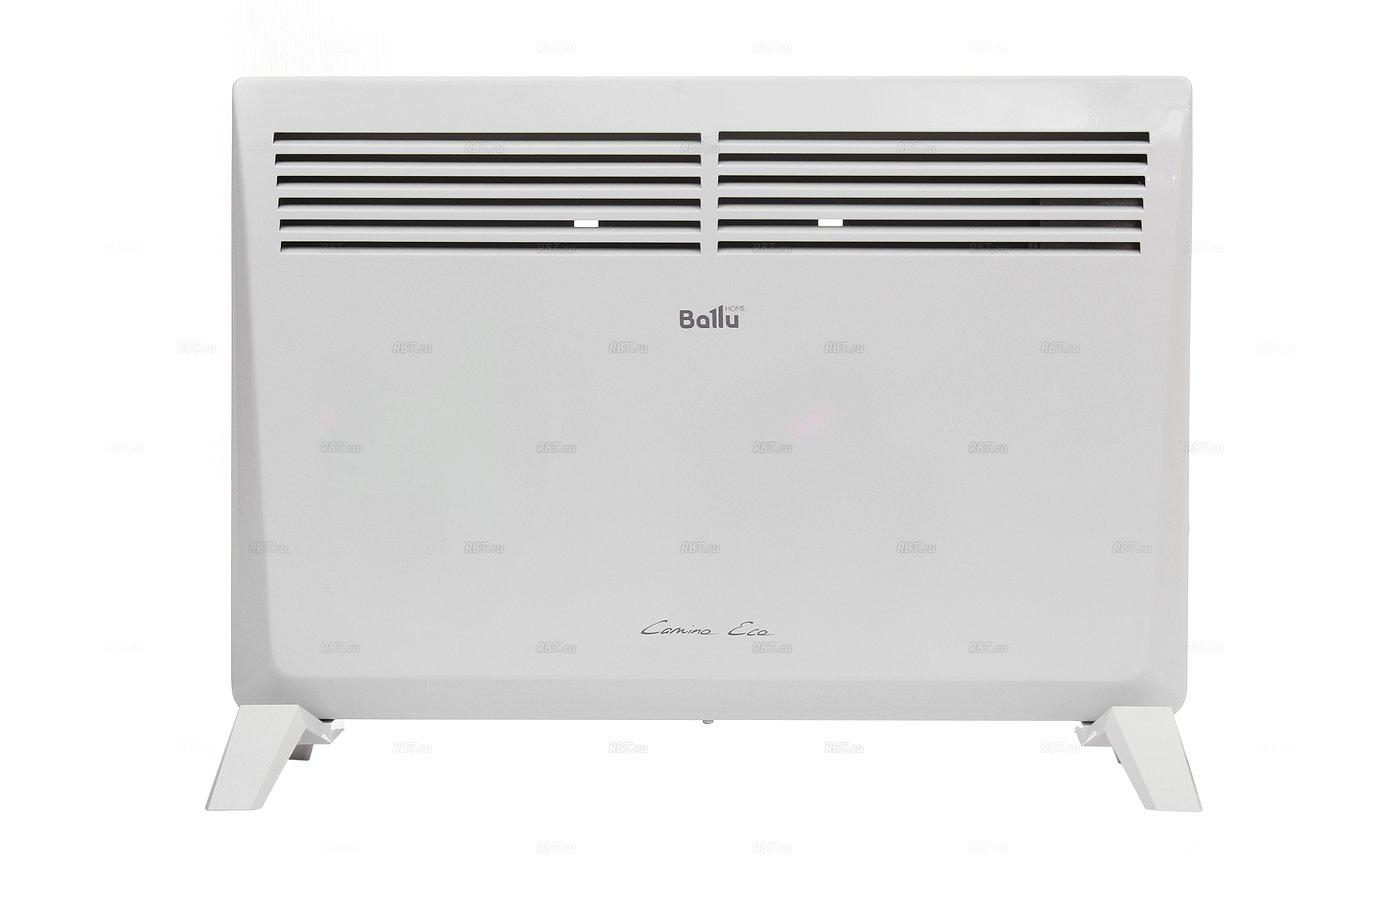 Конвектор BALLU Camino Eco BEC/EM-1500